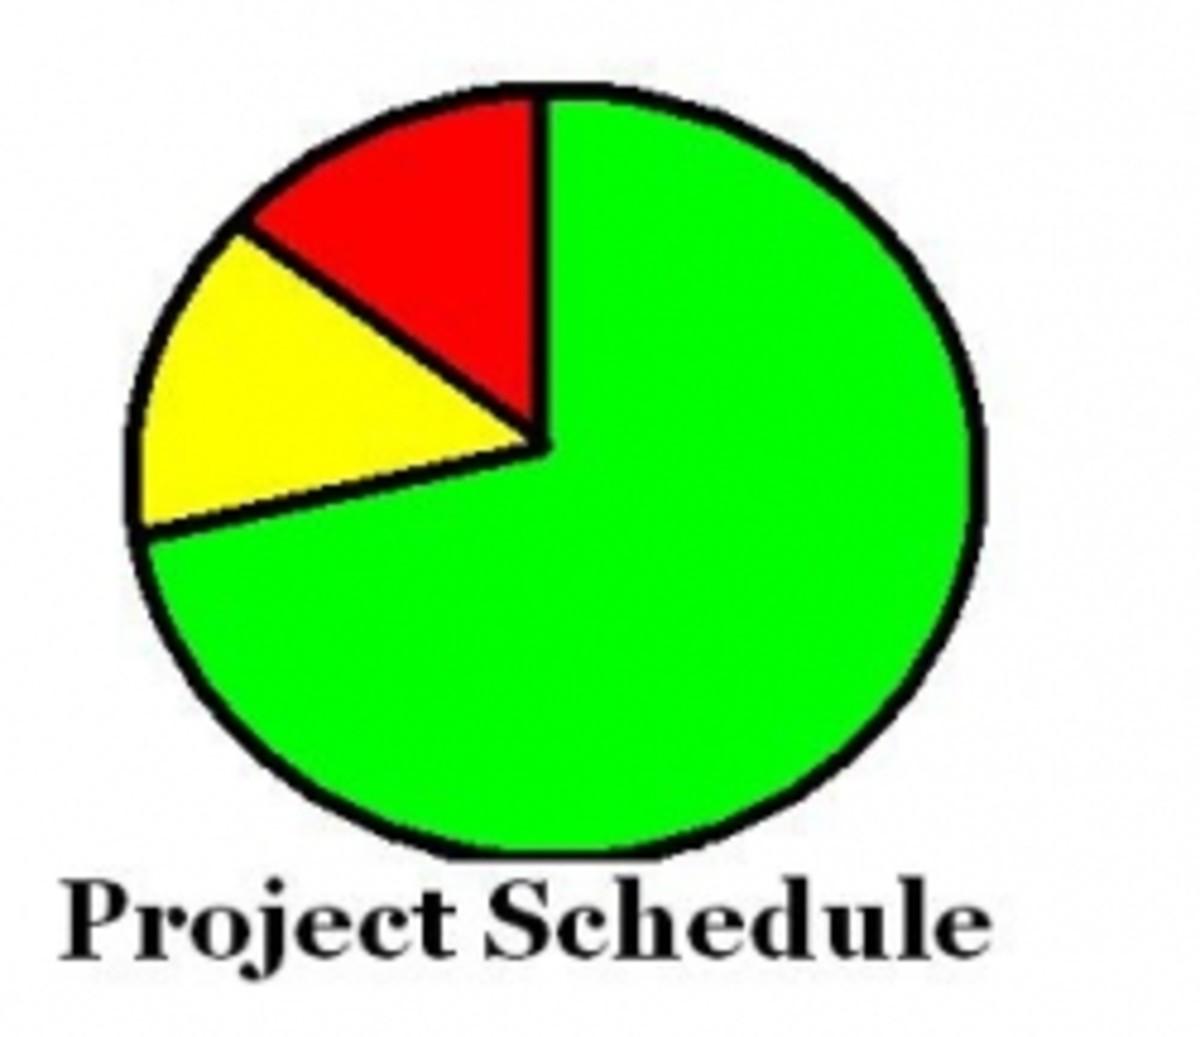 Teach children project management schedule